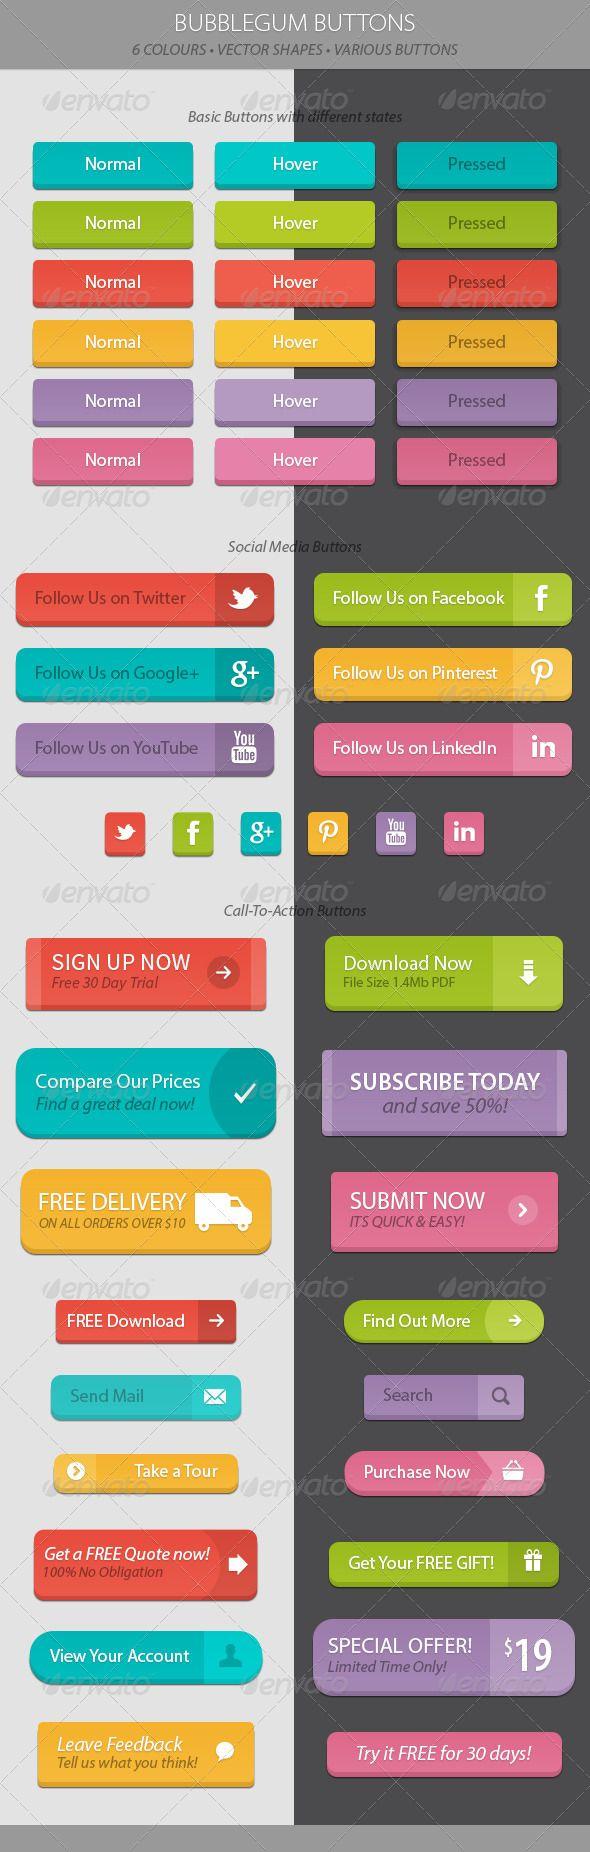 Bubblegum Web Buttons. Download: http://graphicriver.net/item/bubblegum-web-buttons/6610517?ref=ksioks